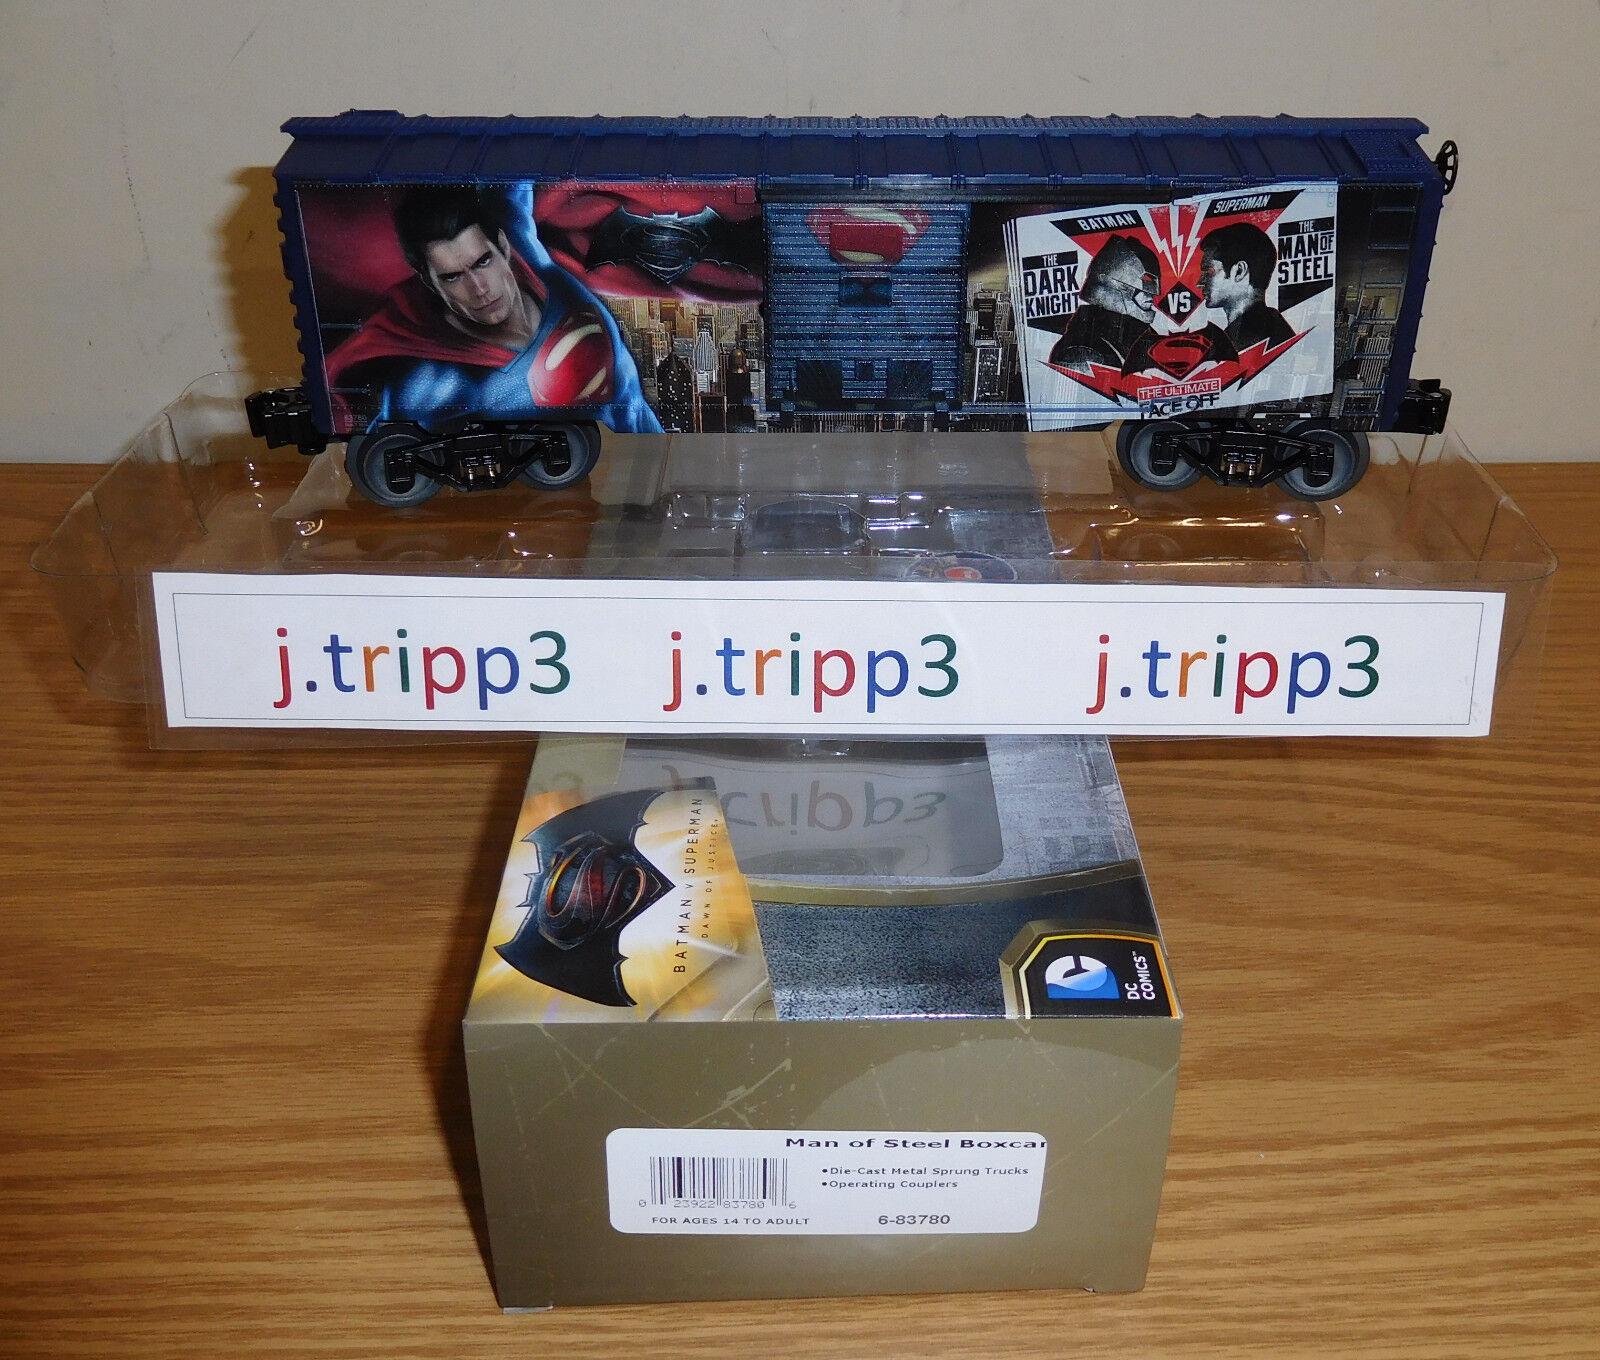 distribución global Lionel Lionel Lionel 6-83780 el hombre de acero vagón tren o calibre súperman Batman Dc Comics Usa  Felices compras